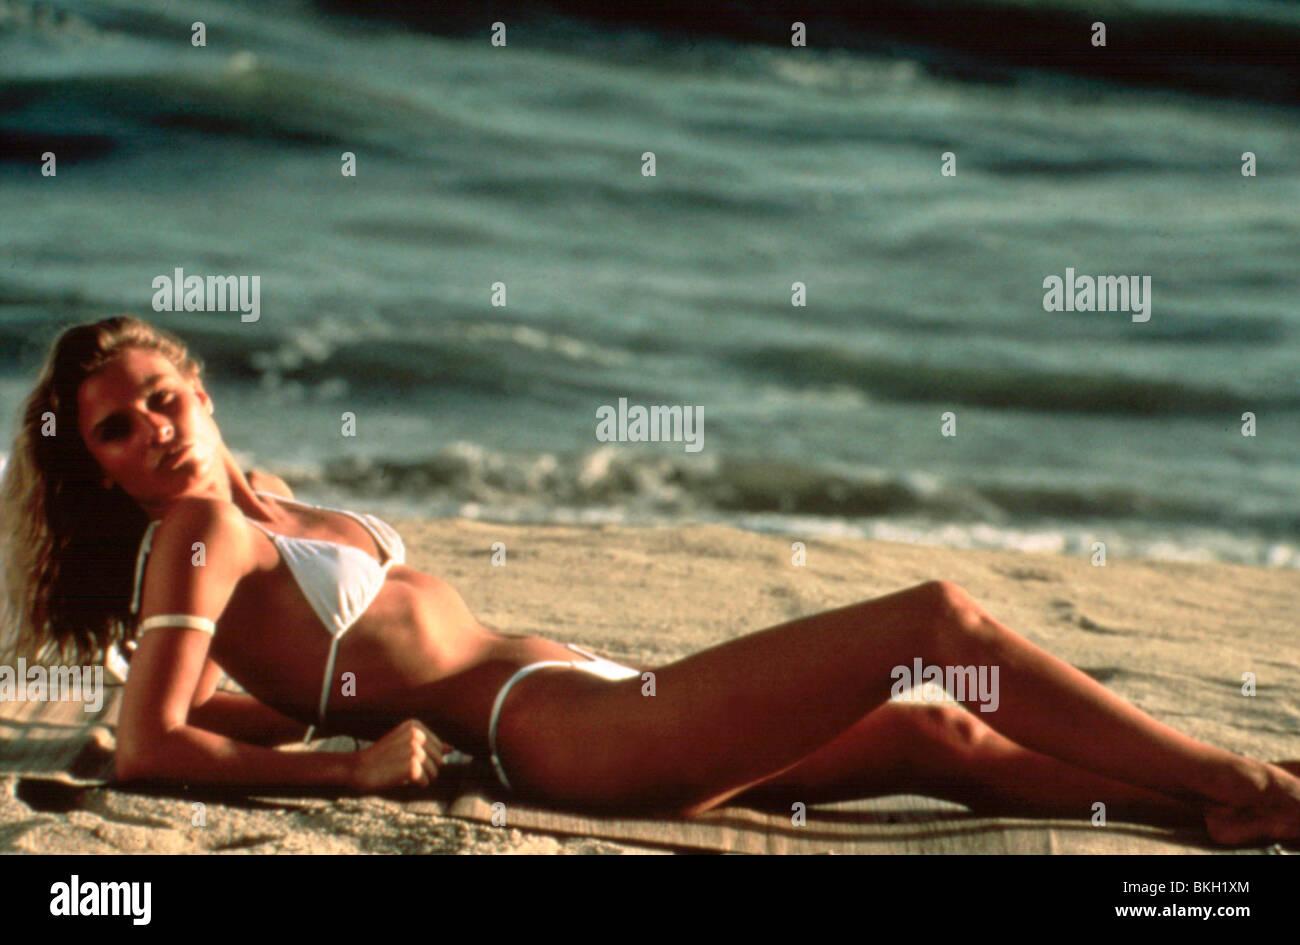 Bikini Sheridan Love nude photos 2019